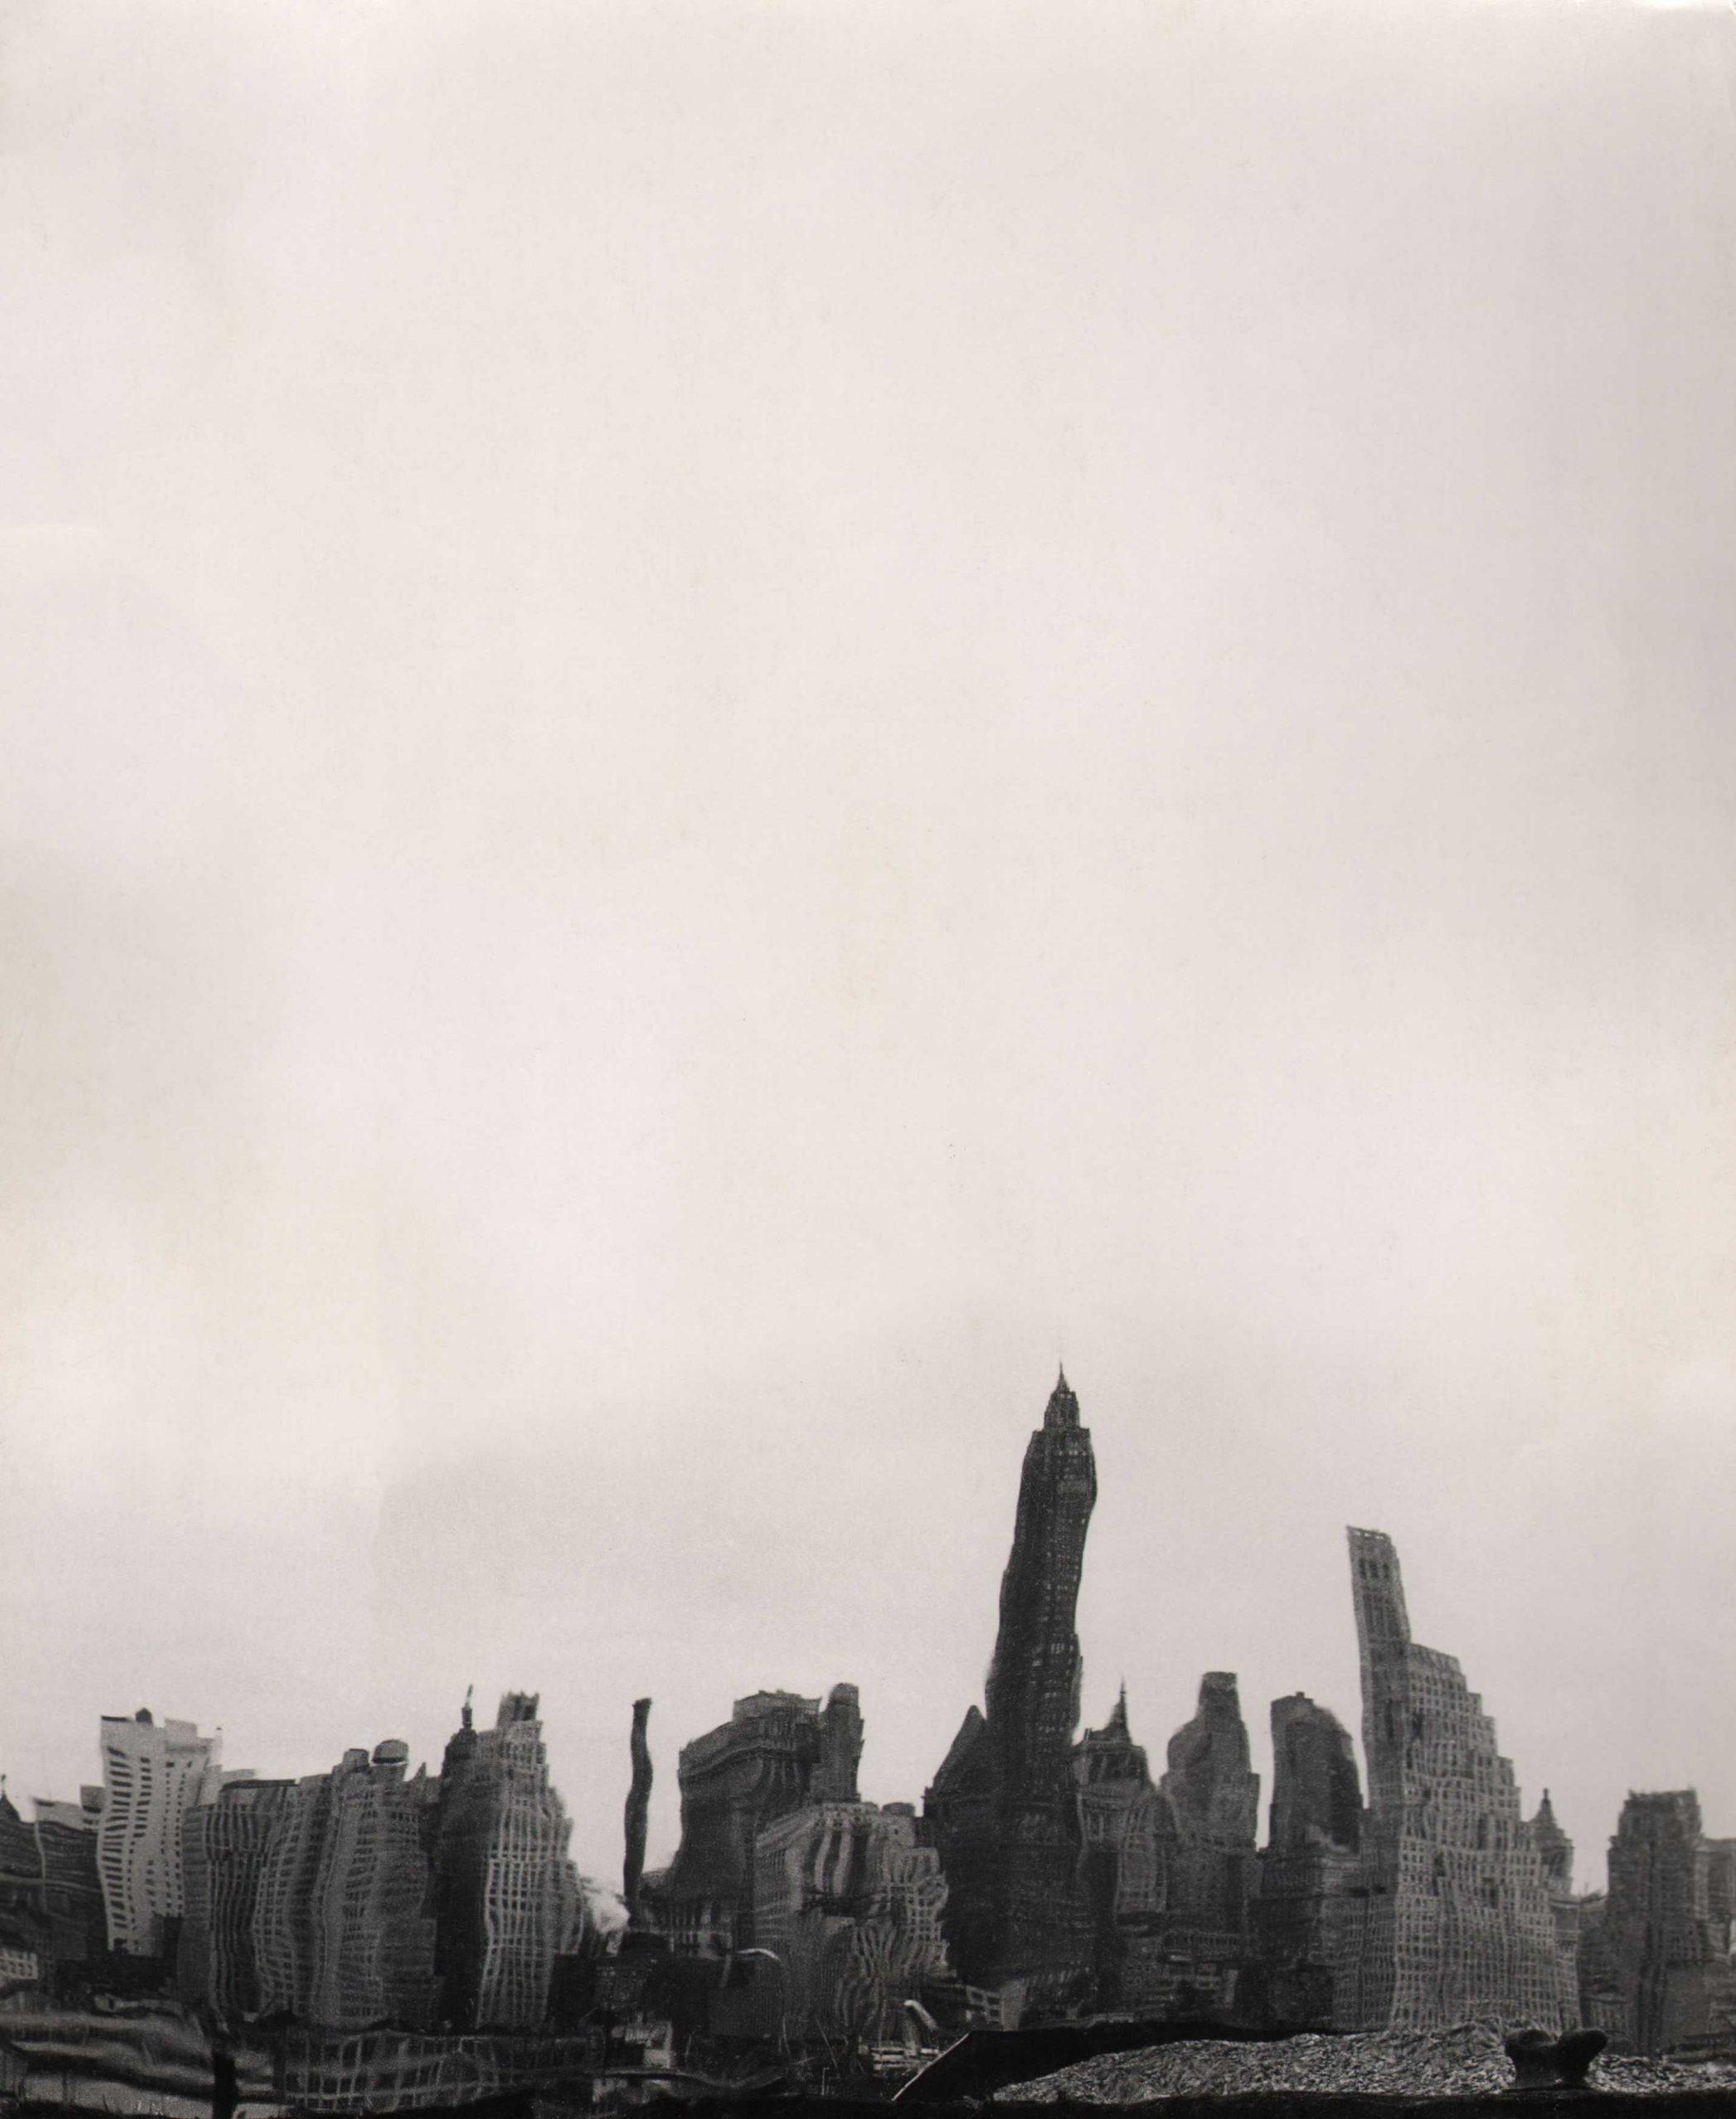 David Attie, New York Distortion, 1950